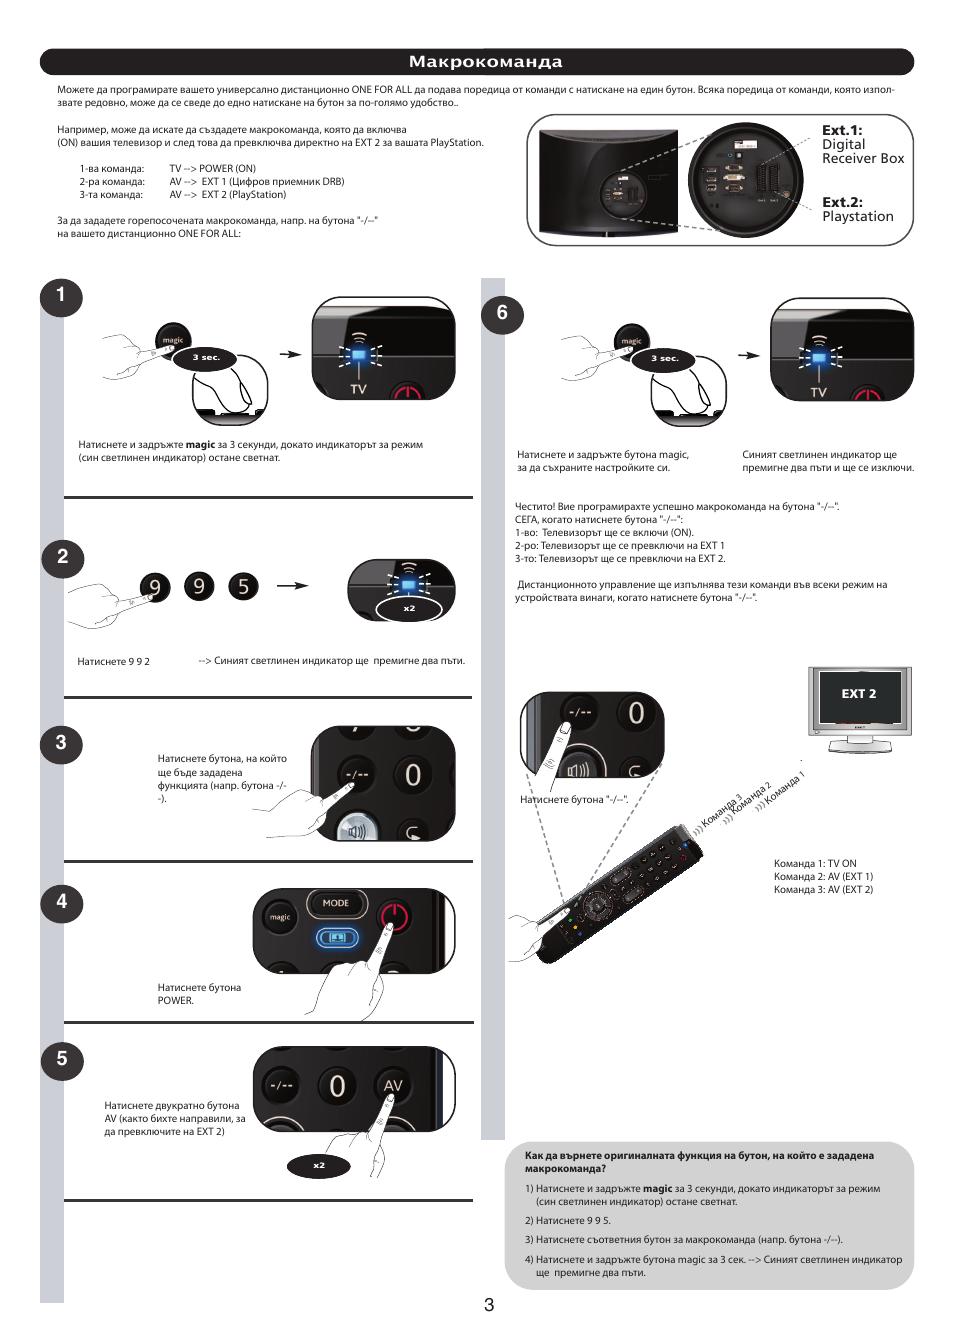 ext 1 digital receiver box ext 2 playstation one rh manualsdir com Asus E Manual